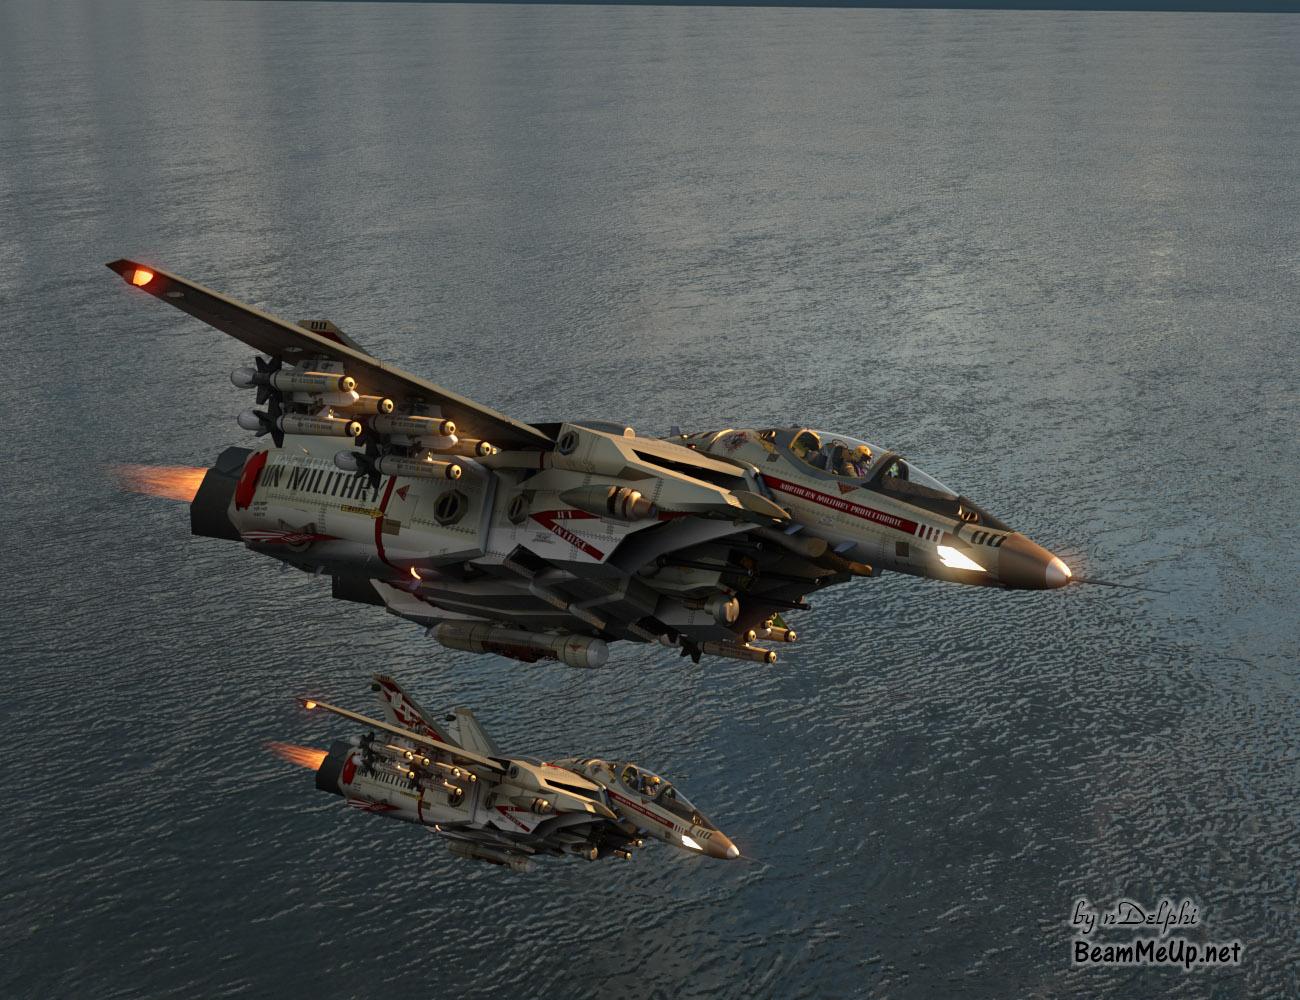 VGF-14 D Wildcat - Ocean + Iray Sky - 01 - Sig.jpg